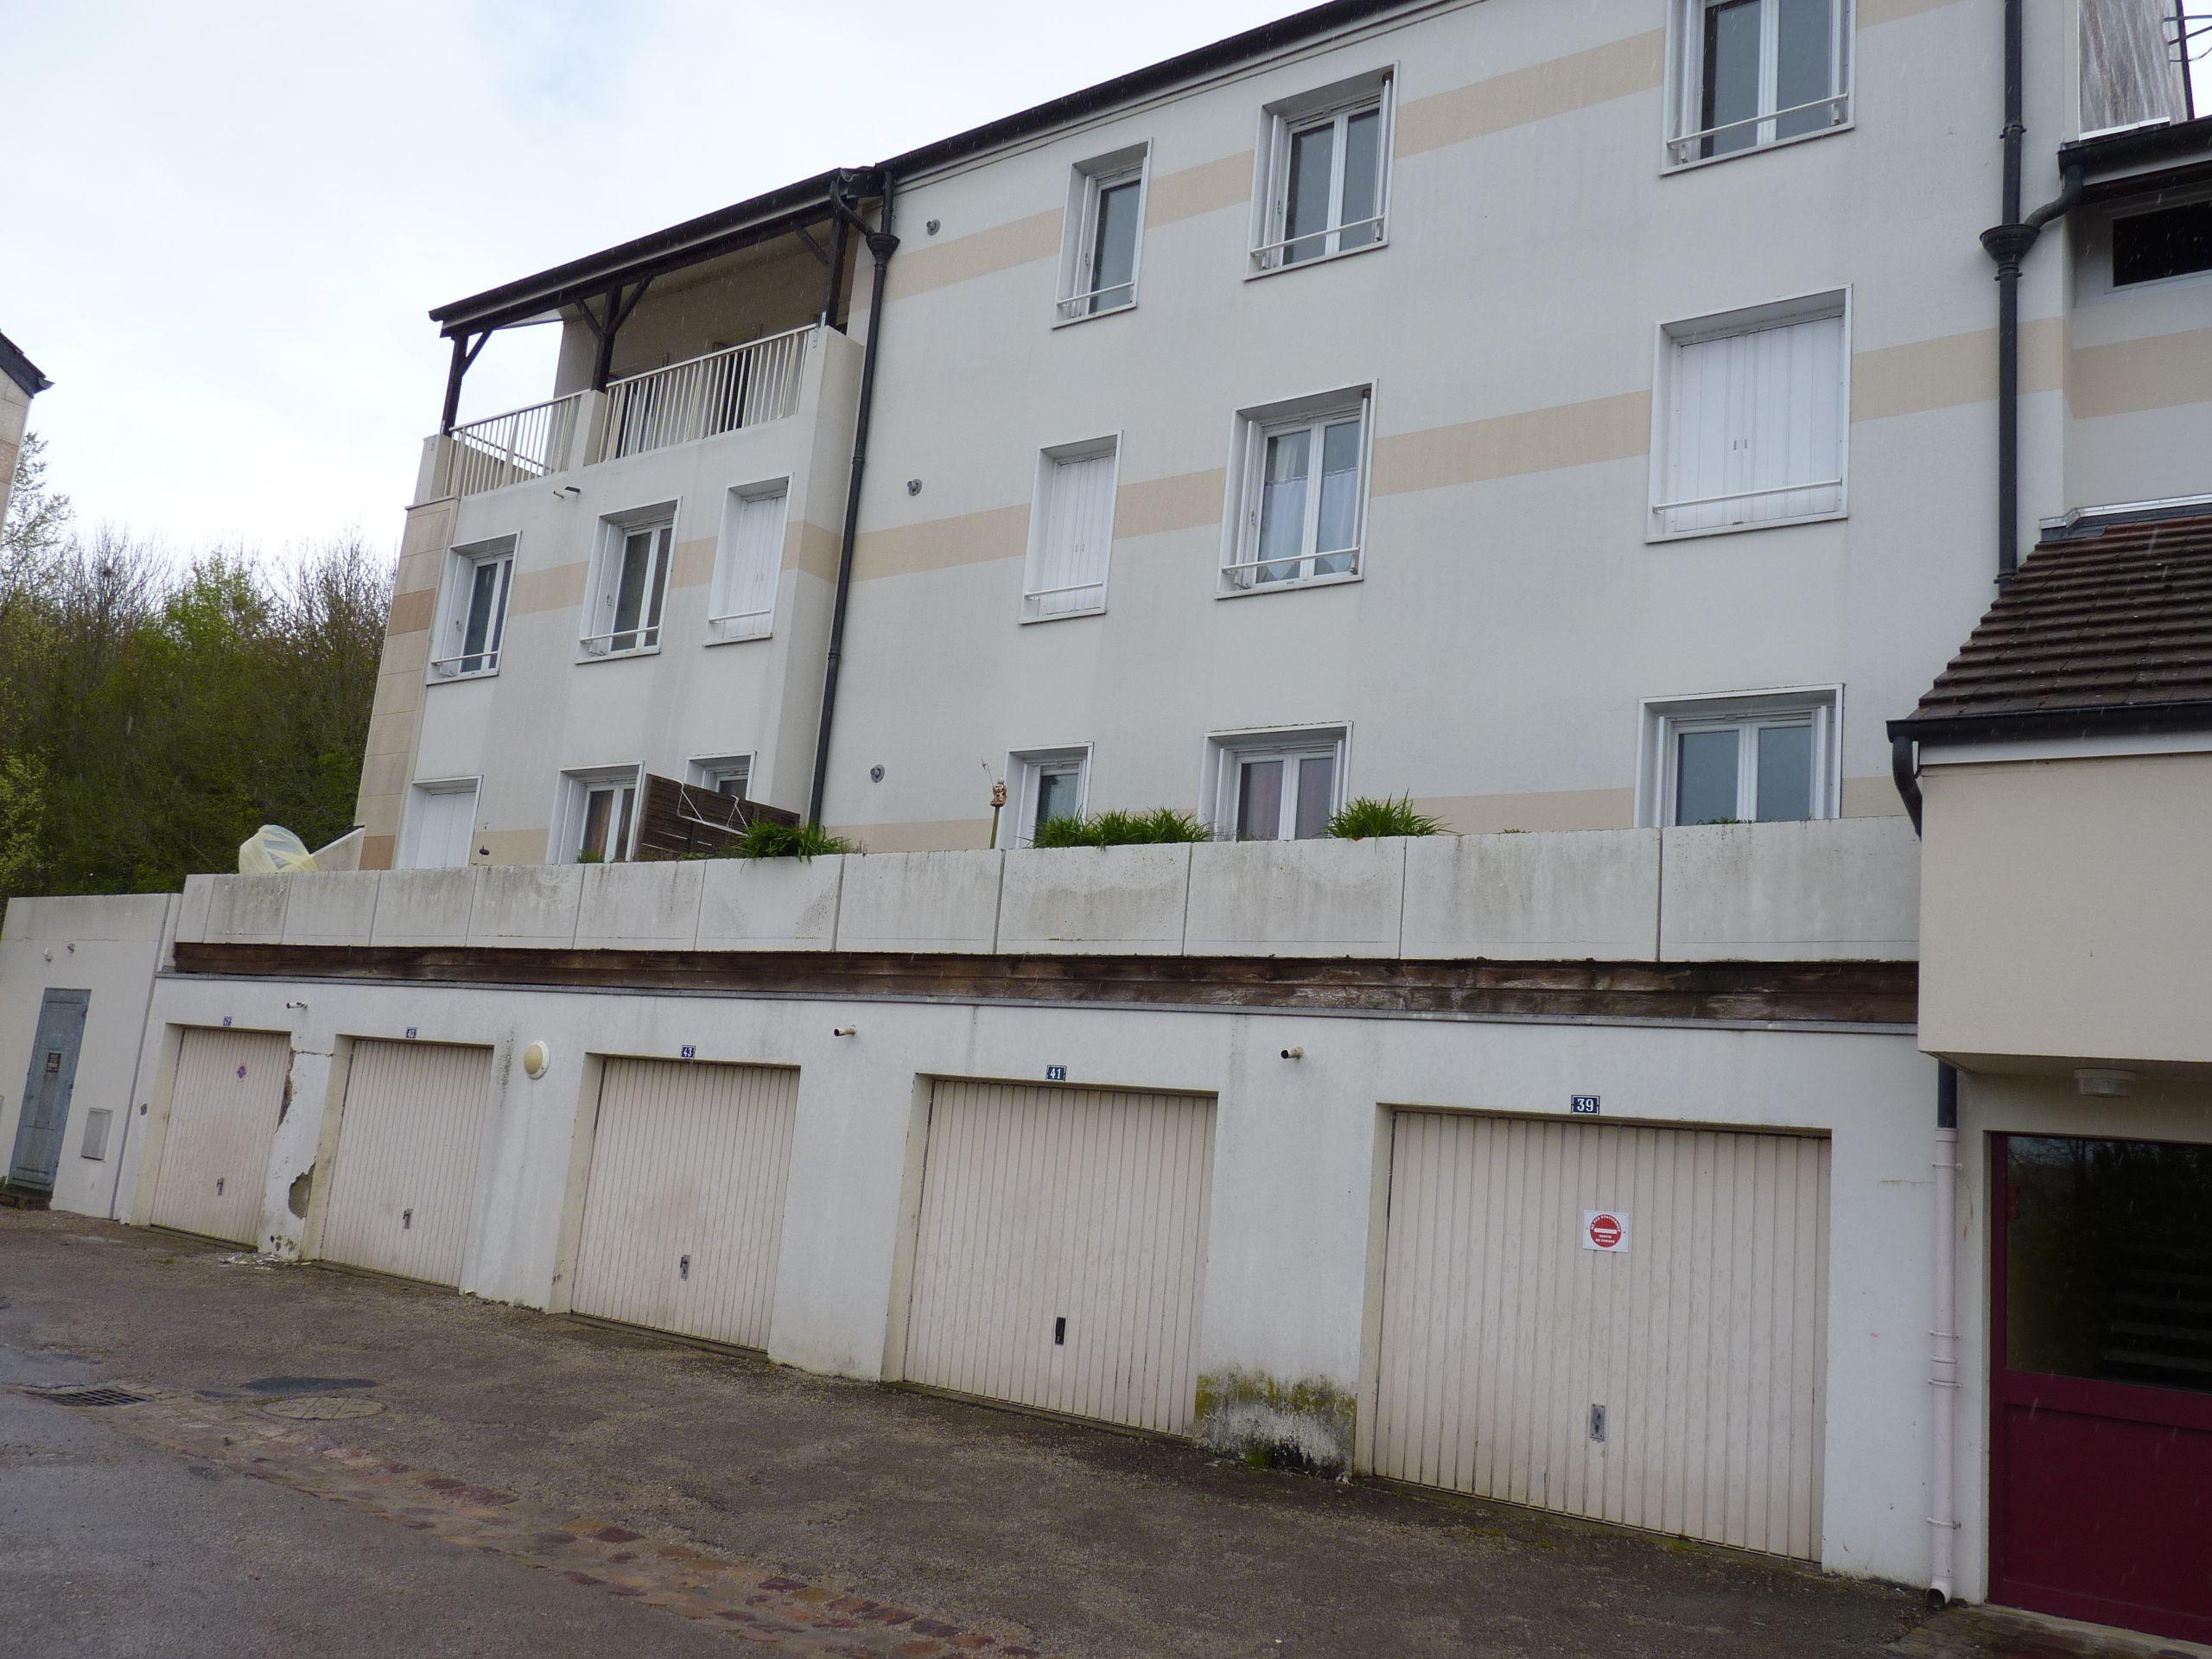 Logement vimoutiers locataion appartement t3 for Entretien exterieur locataire